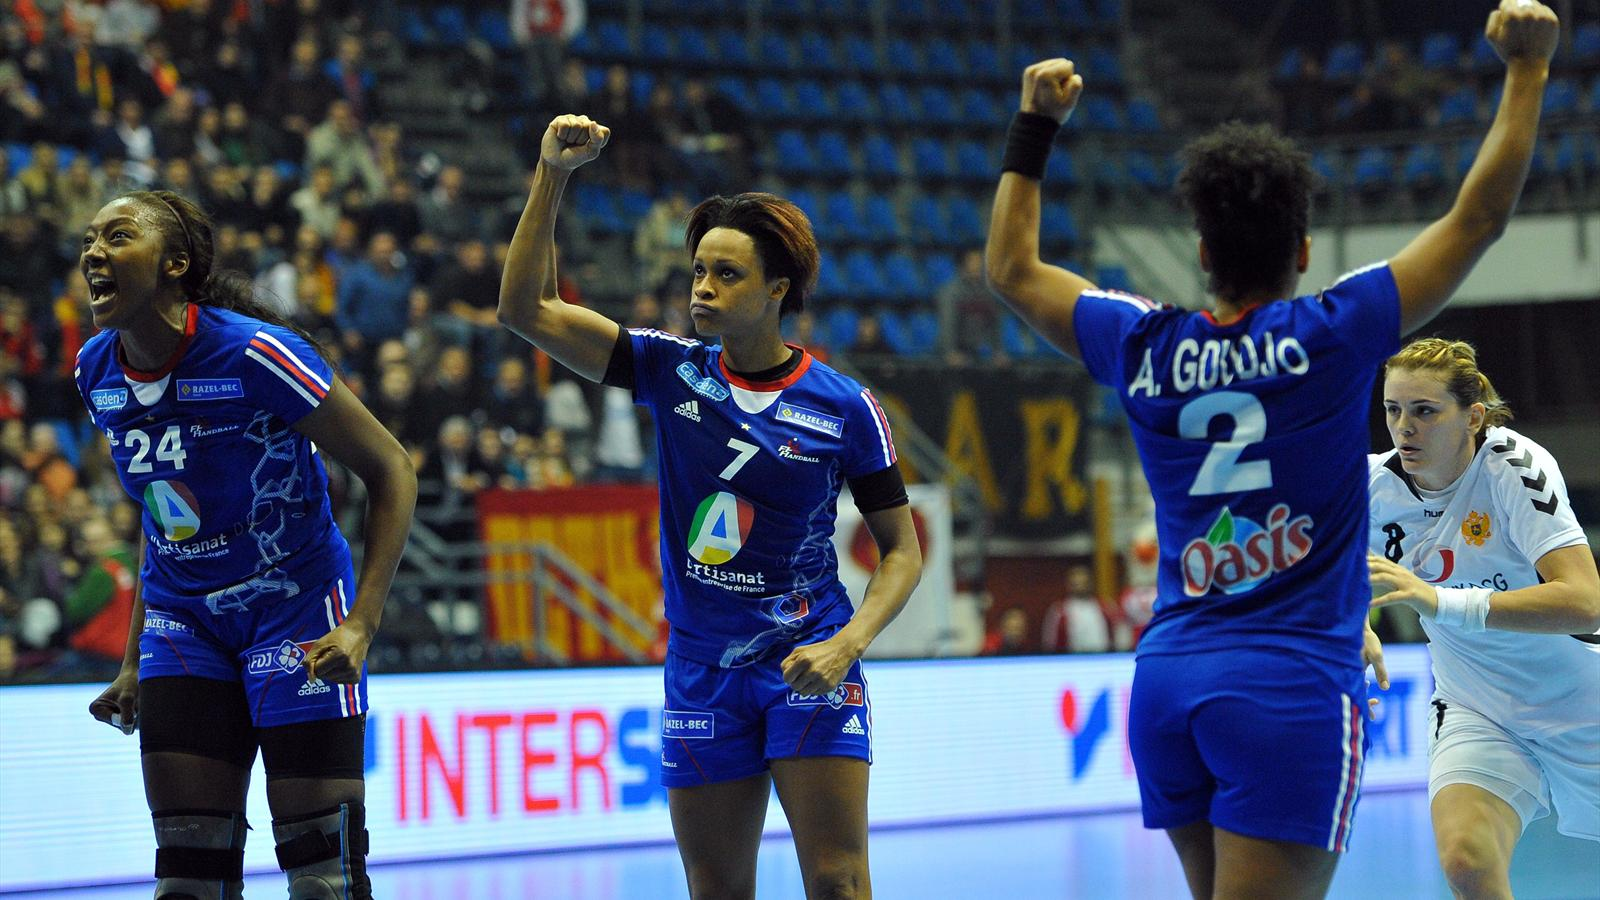 La france encha ne une quatri me victoire en quatre matches contre le mont n gro 17 16 - Coupe du monde handball 2013 ...